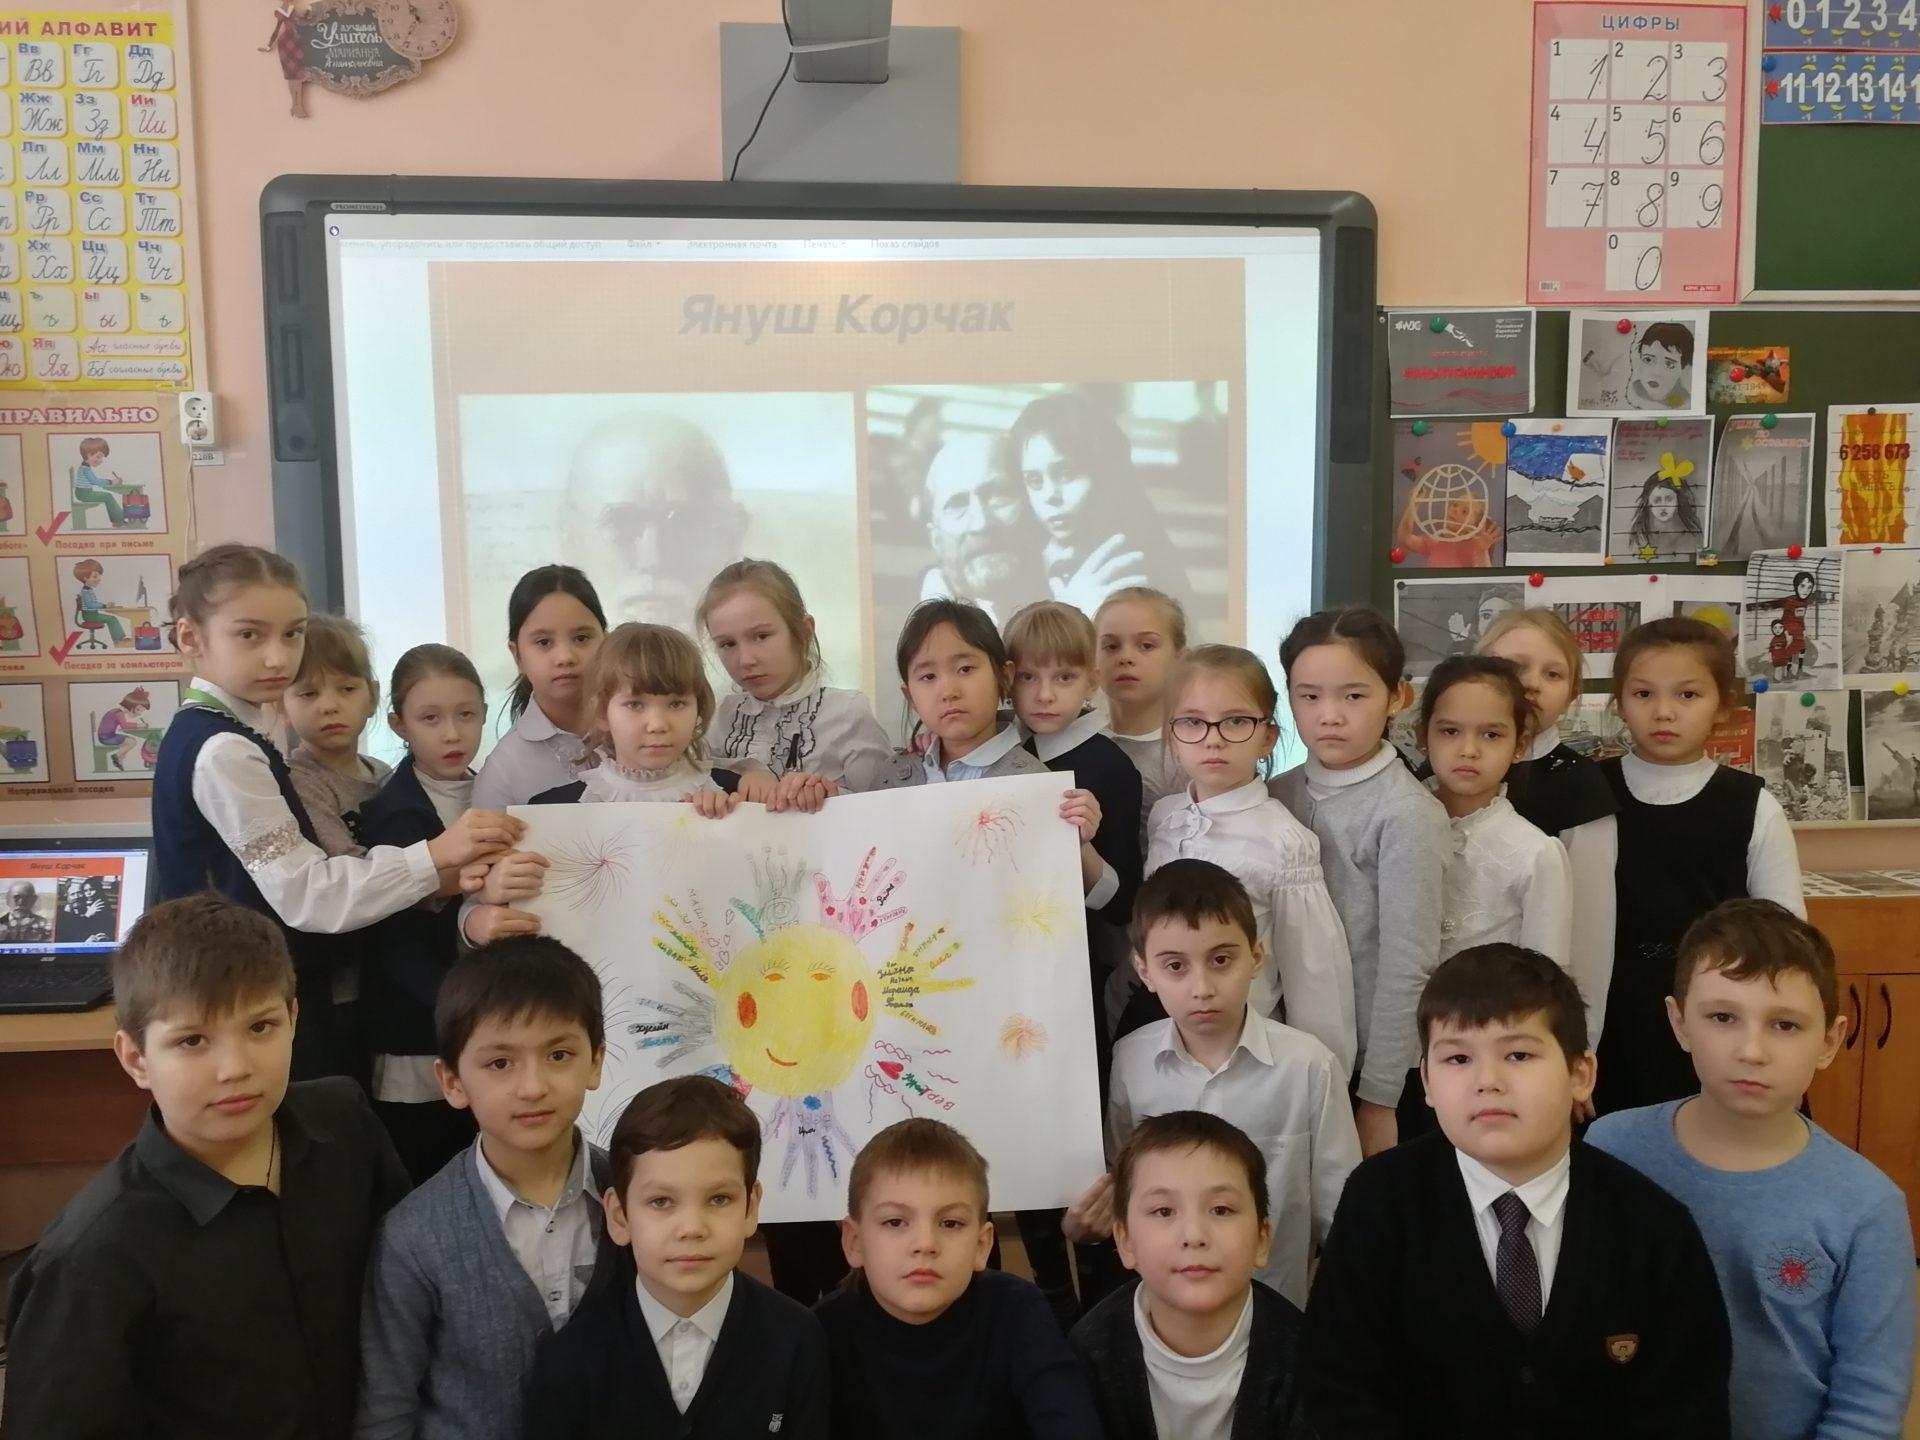 Памятные мероприятия в московской школе Школе №1159